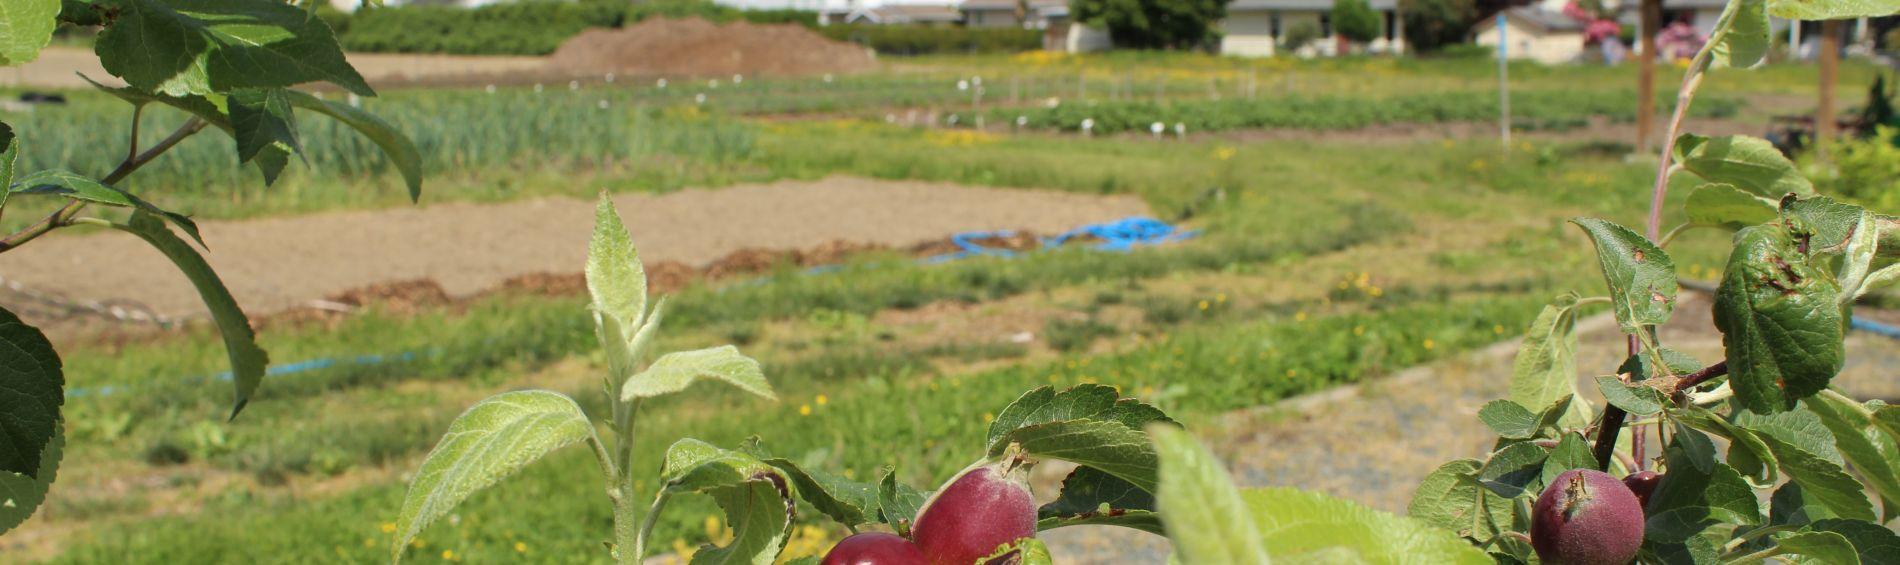 Sardis Farm